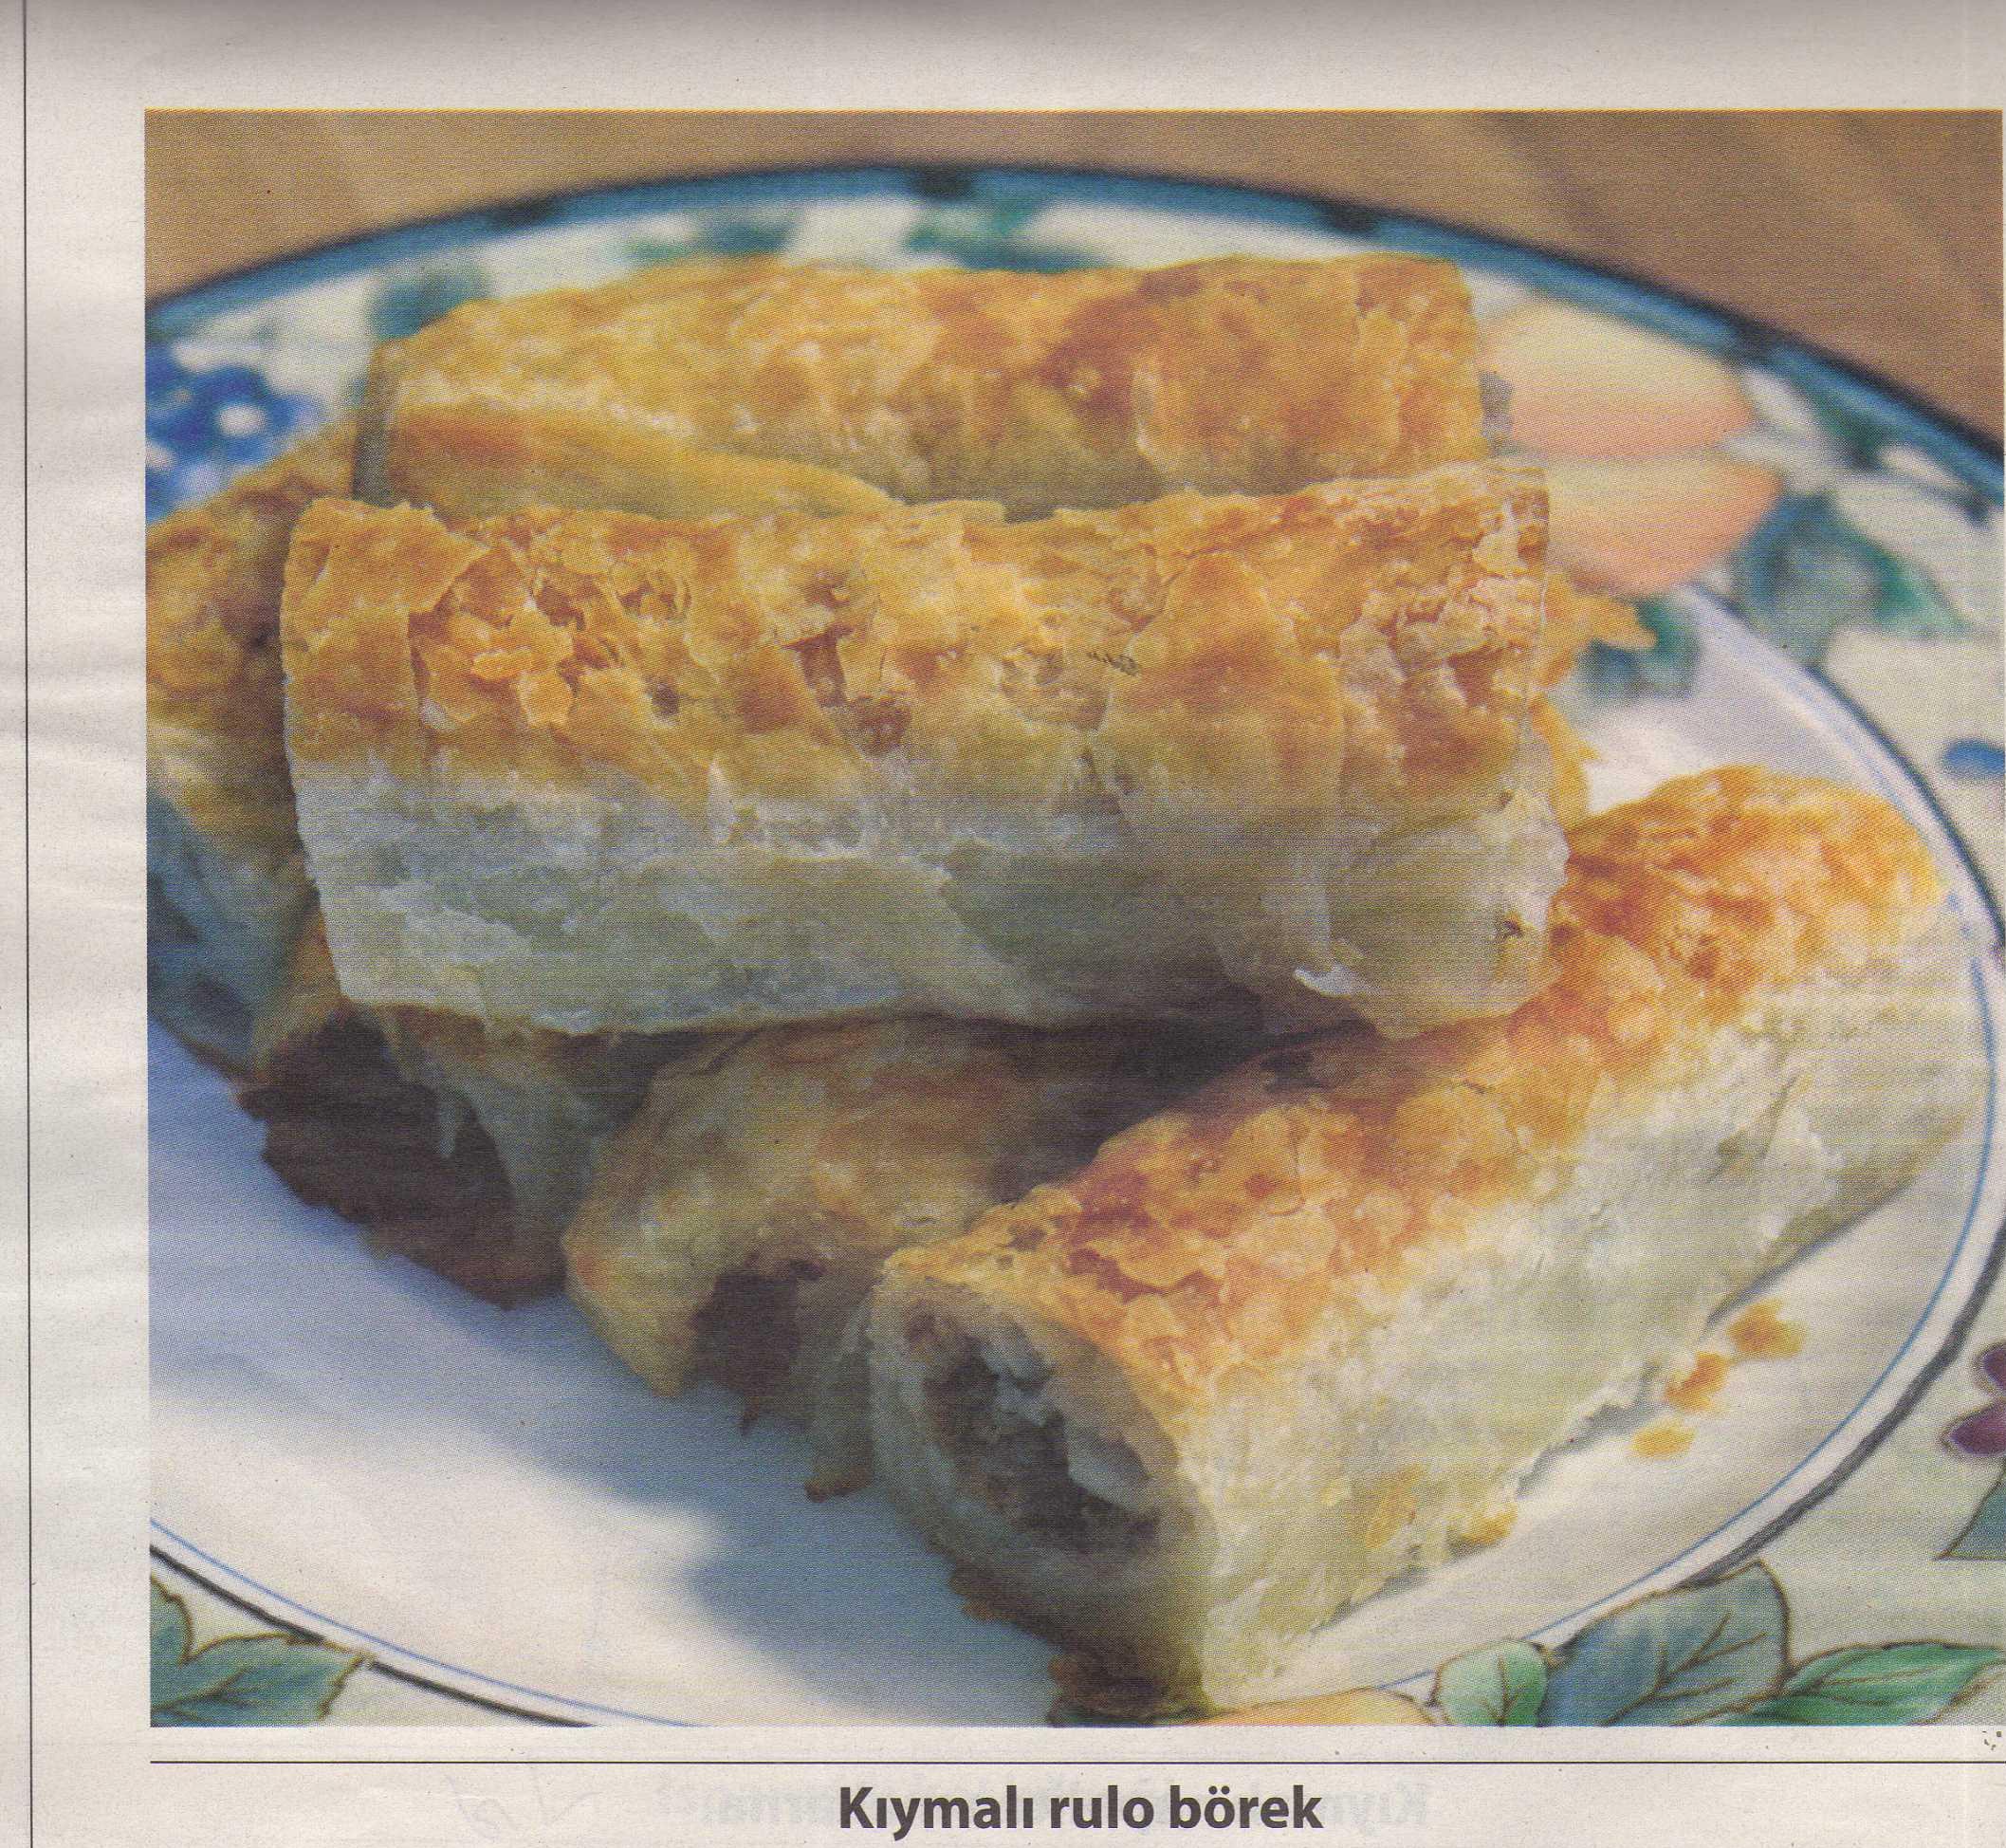 Patlıcanın En Hafif, Leziz Hali: Patlıcan Buğulama Kolay Yemek Tarifleri 2. Bölüm Tarif Dergisi 95